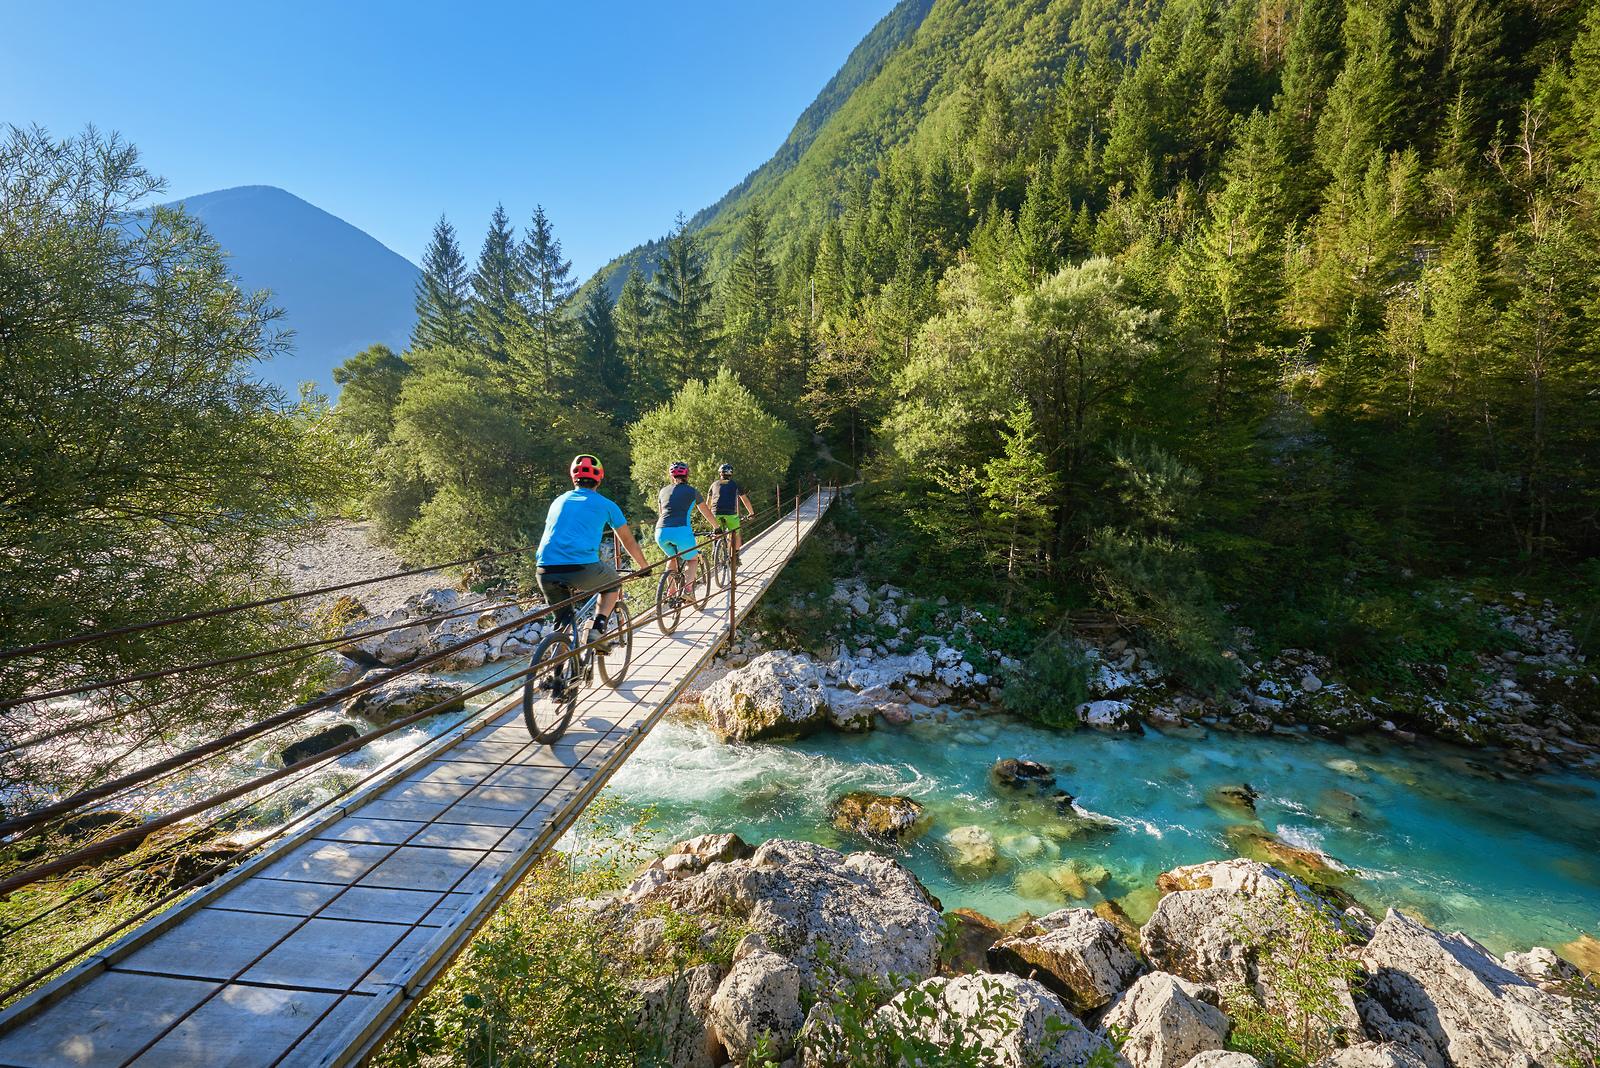 Slovenien er et af de fire europæiske lande, der torsdag kan blive orange i de danske rejsevejledninger som følge af for høje smittetal. Landet er i forvejen orange på grund af karantænekrav mod rejsende fra Danmark. Pressefoto: Slovenian Tourist Board.